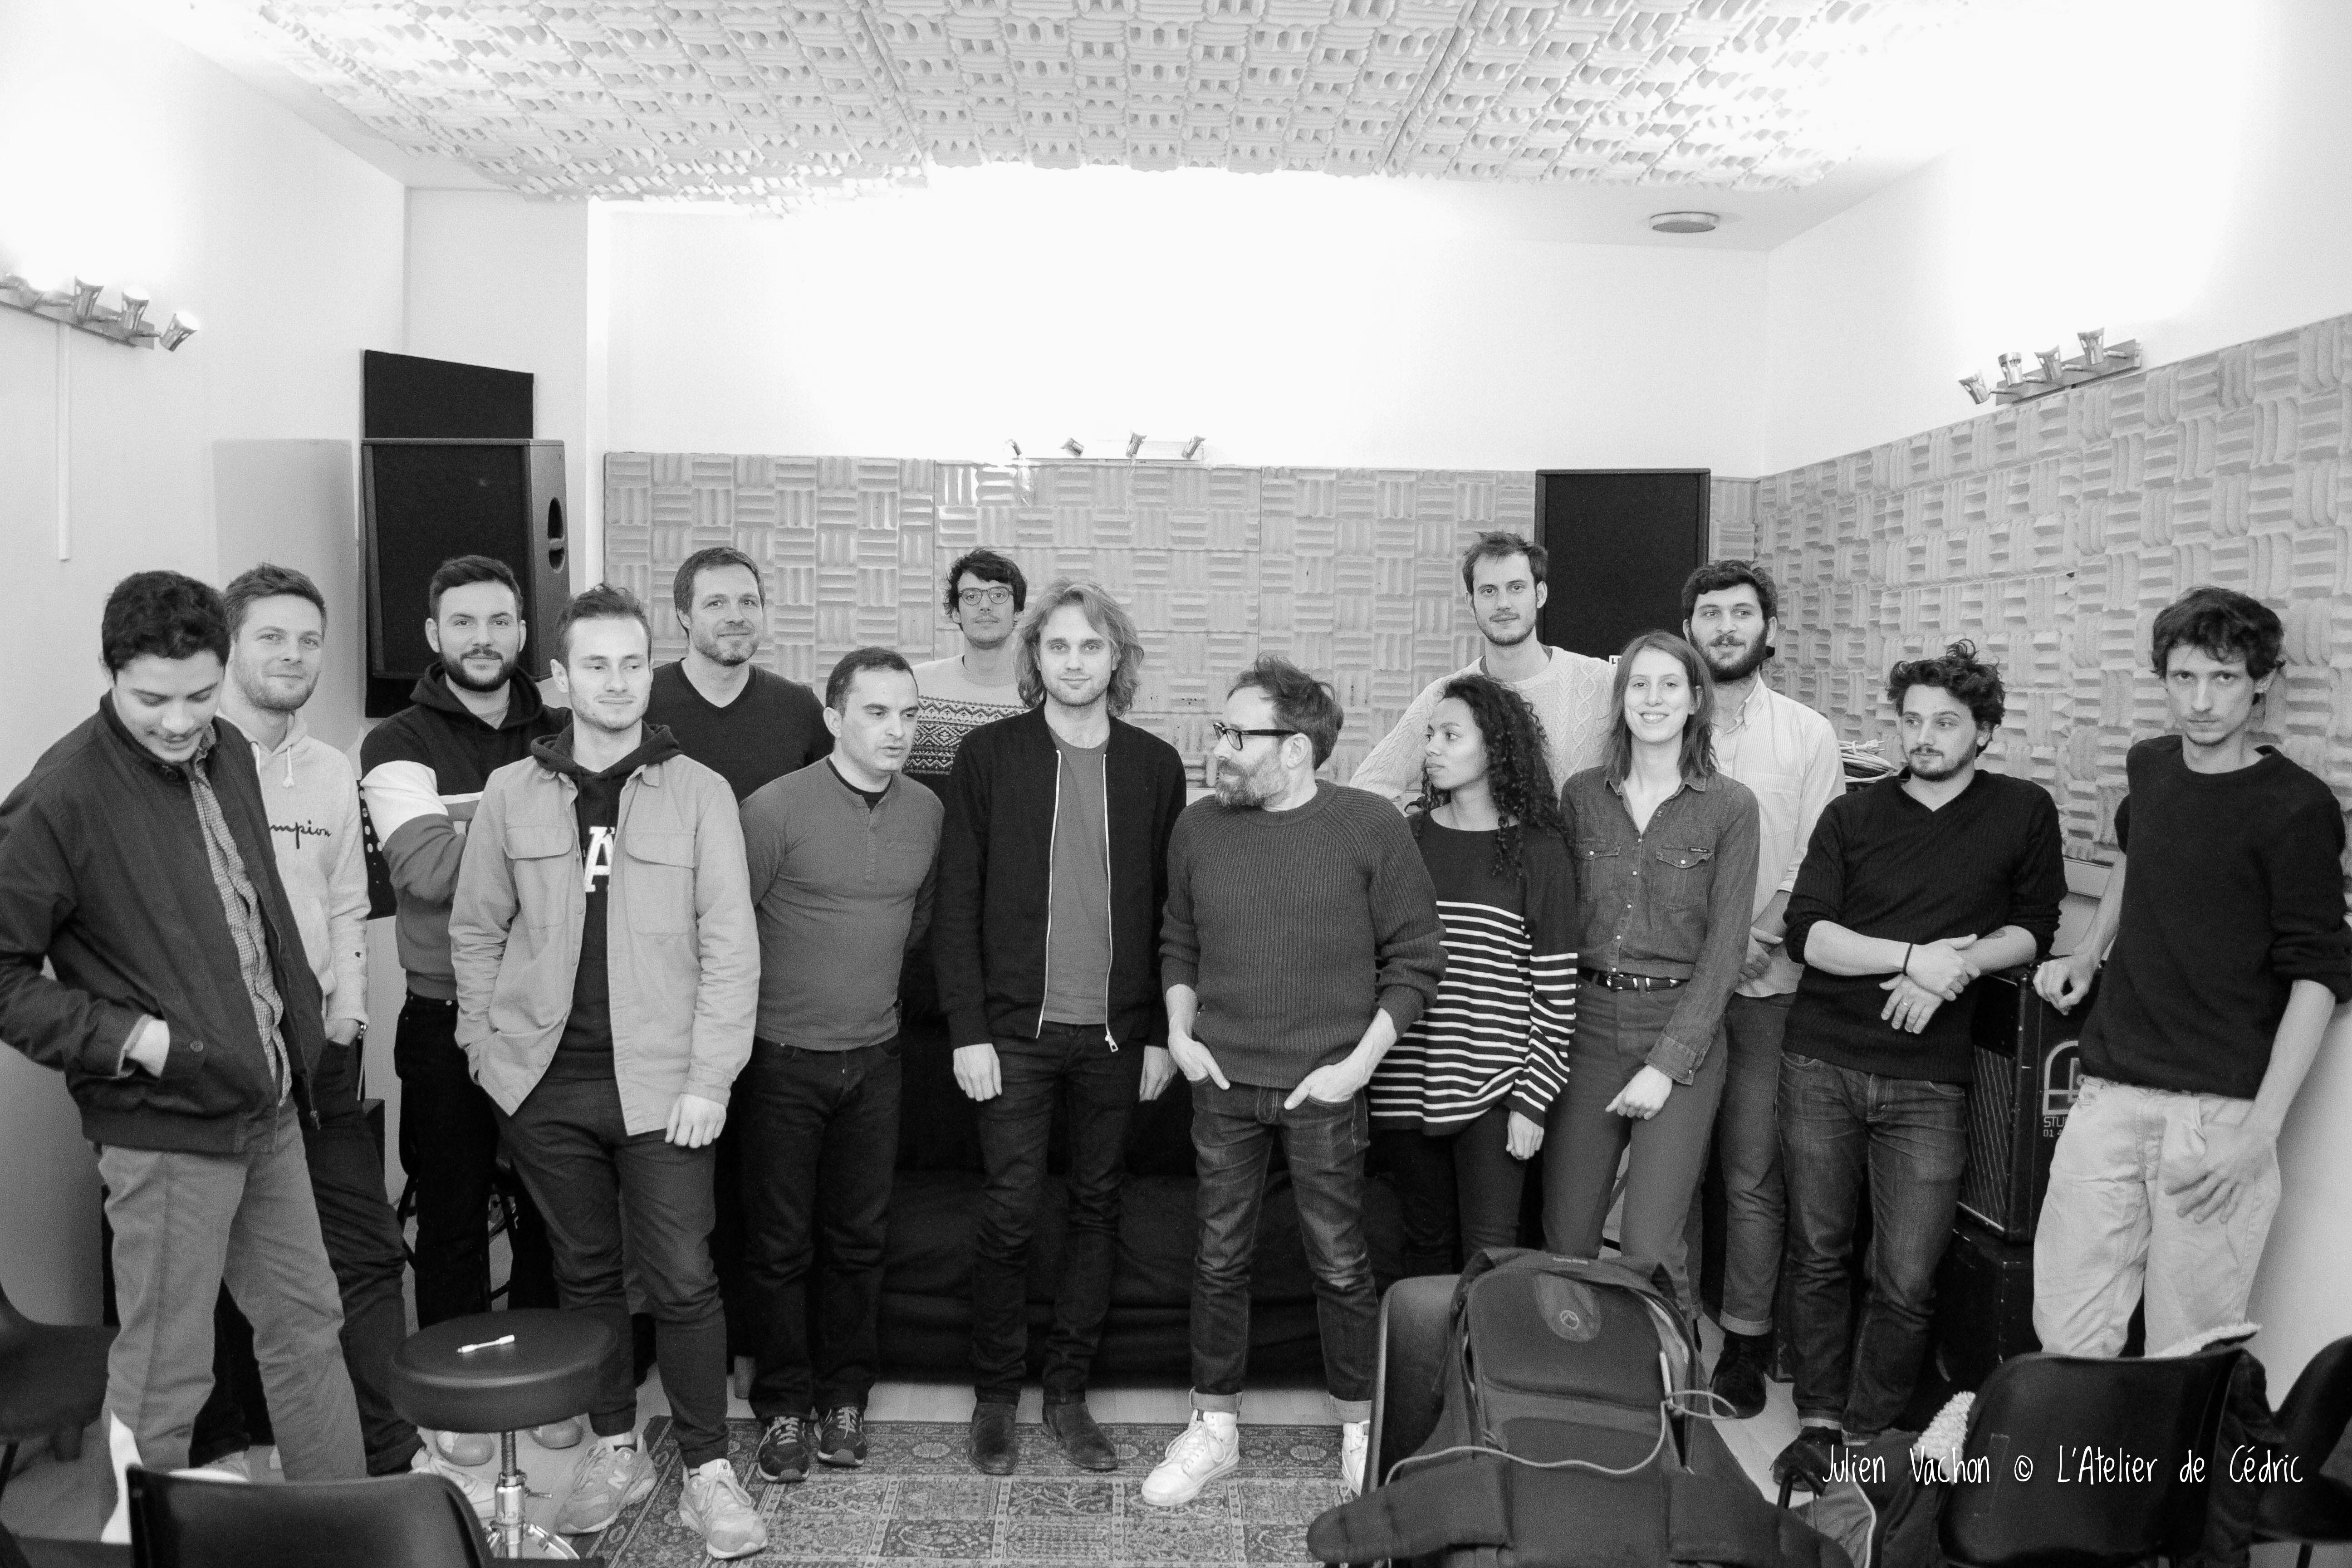 Thibaut Barbillon - Musicien/Compositeur